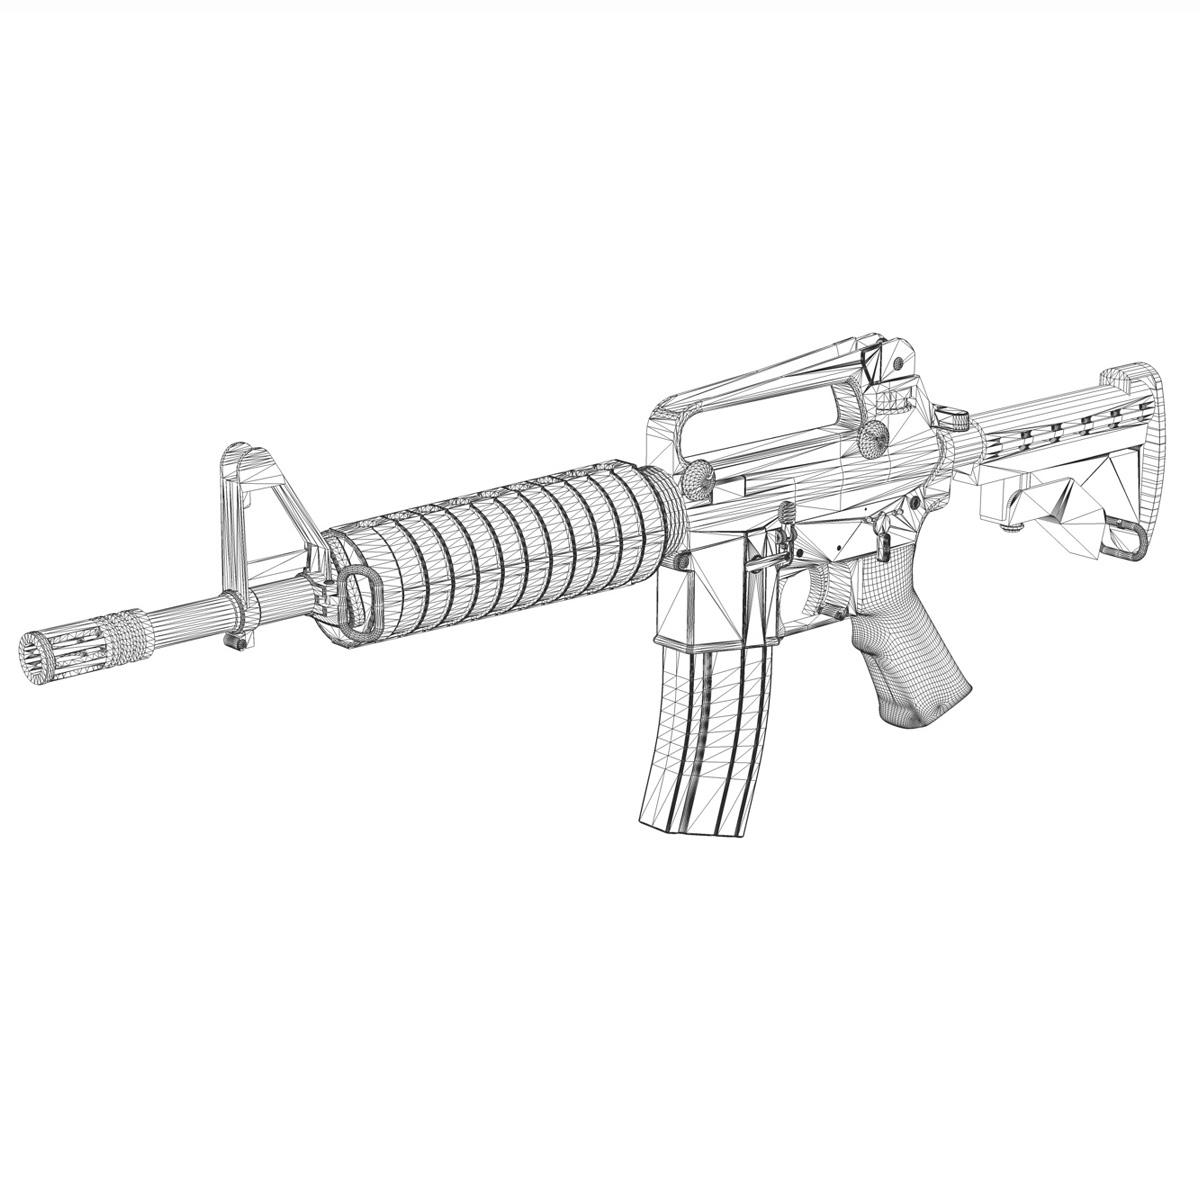 colt m4 commando assault rifle 3d model 3ds fbx c4d lwo obj 187503